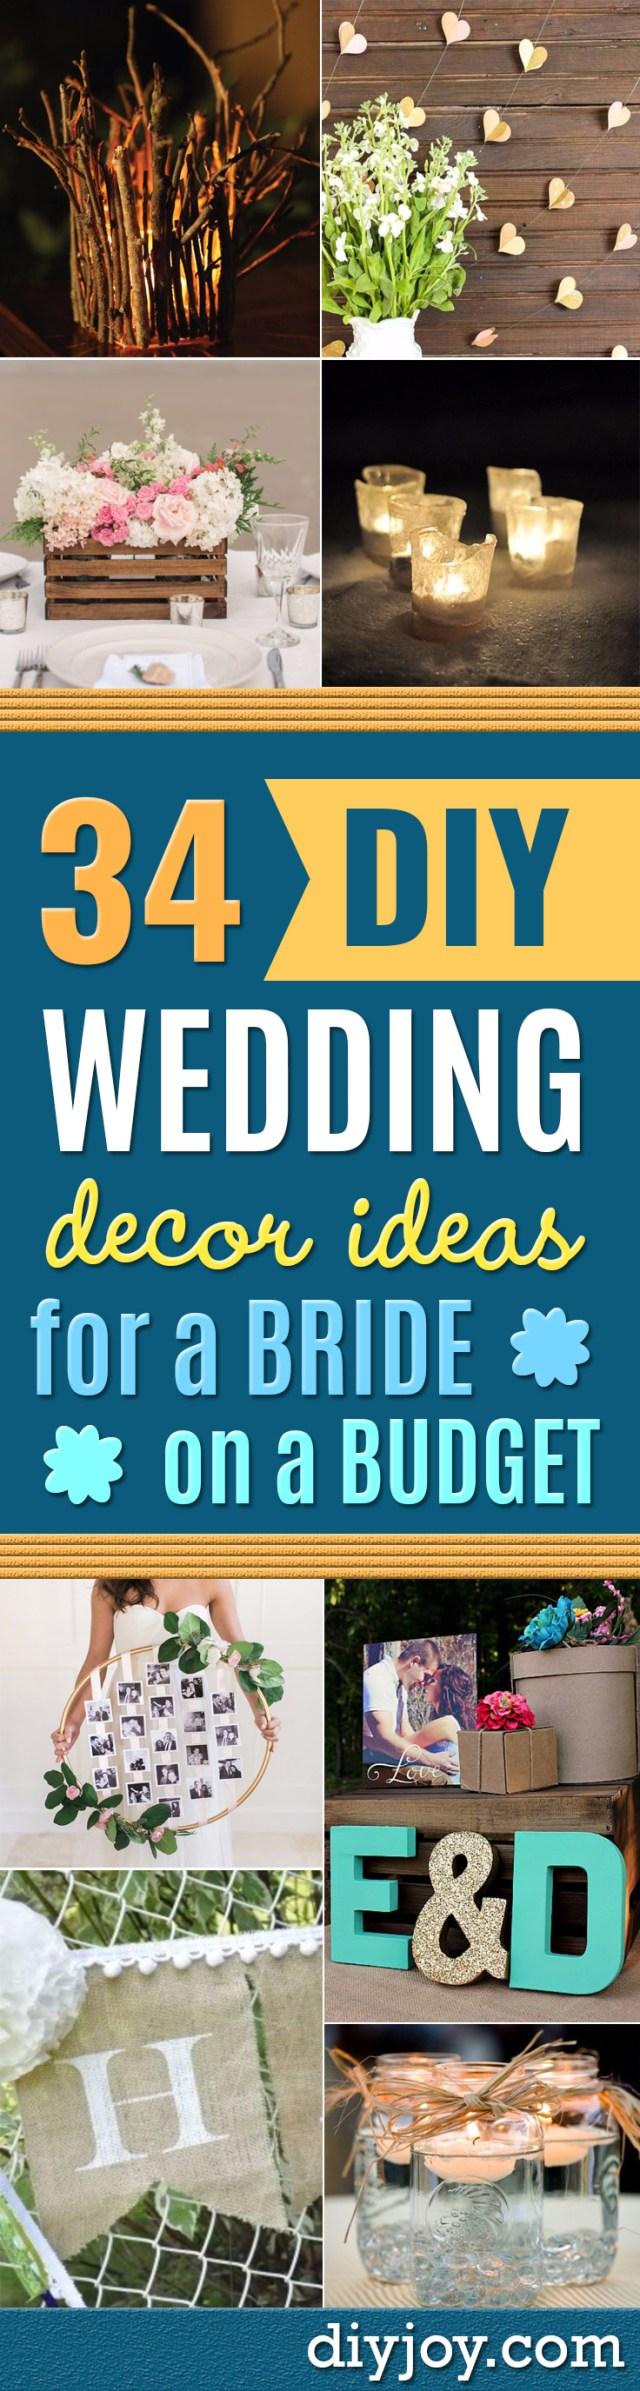 Easy Diy Wedding Decorations 34 Diy Wedding Decor Ideas For The Bride On A Budget